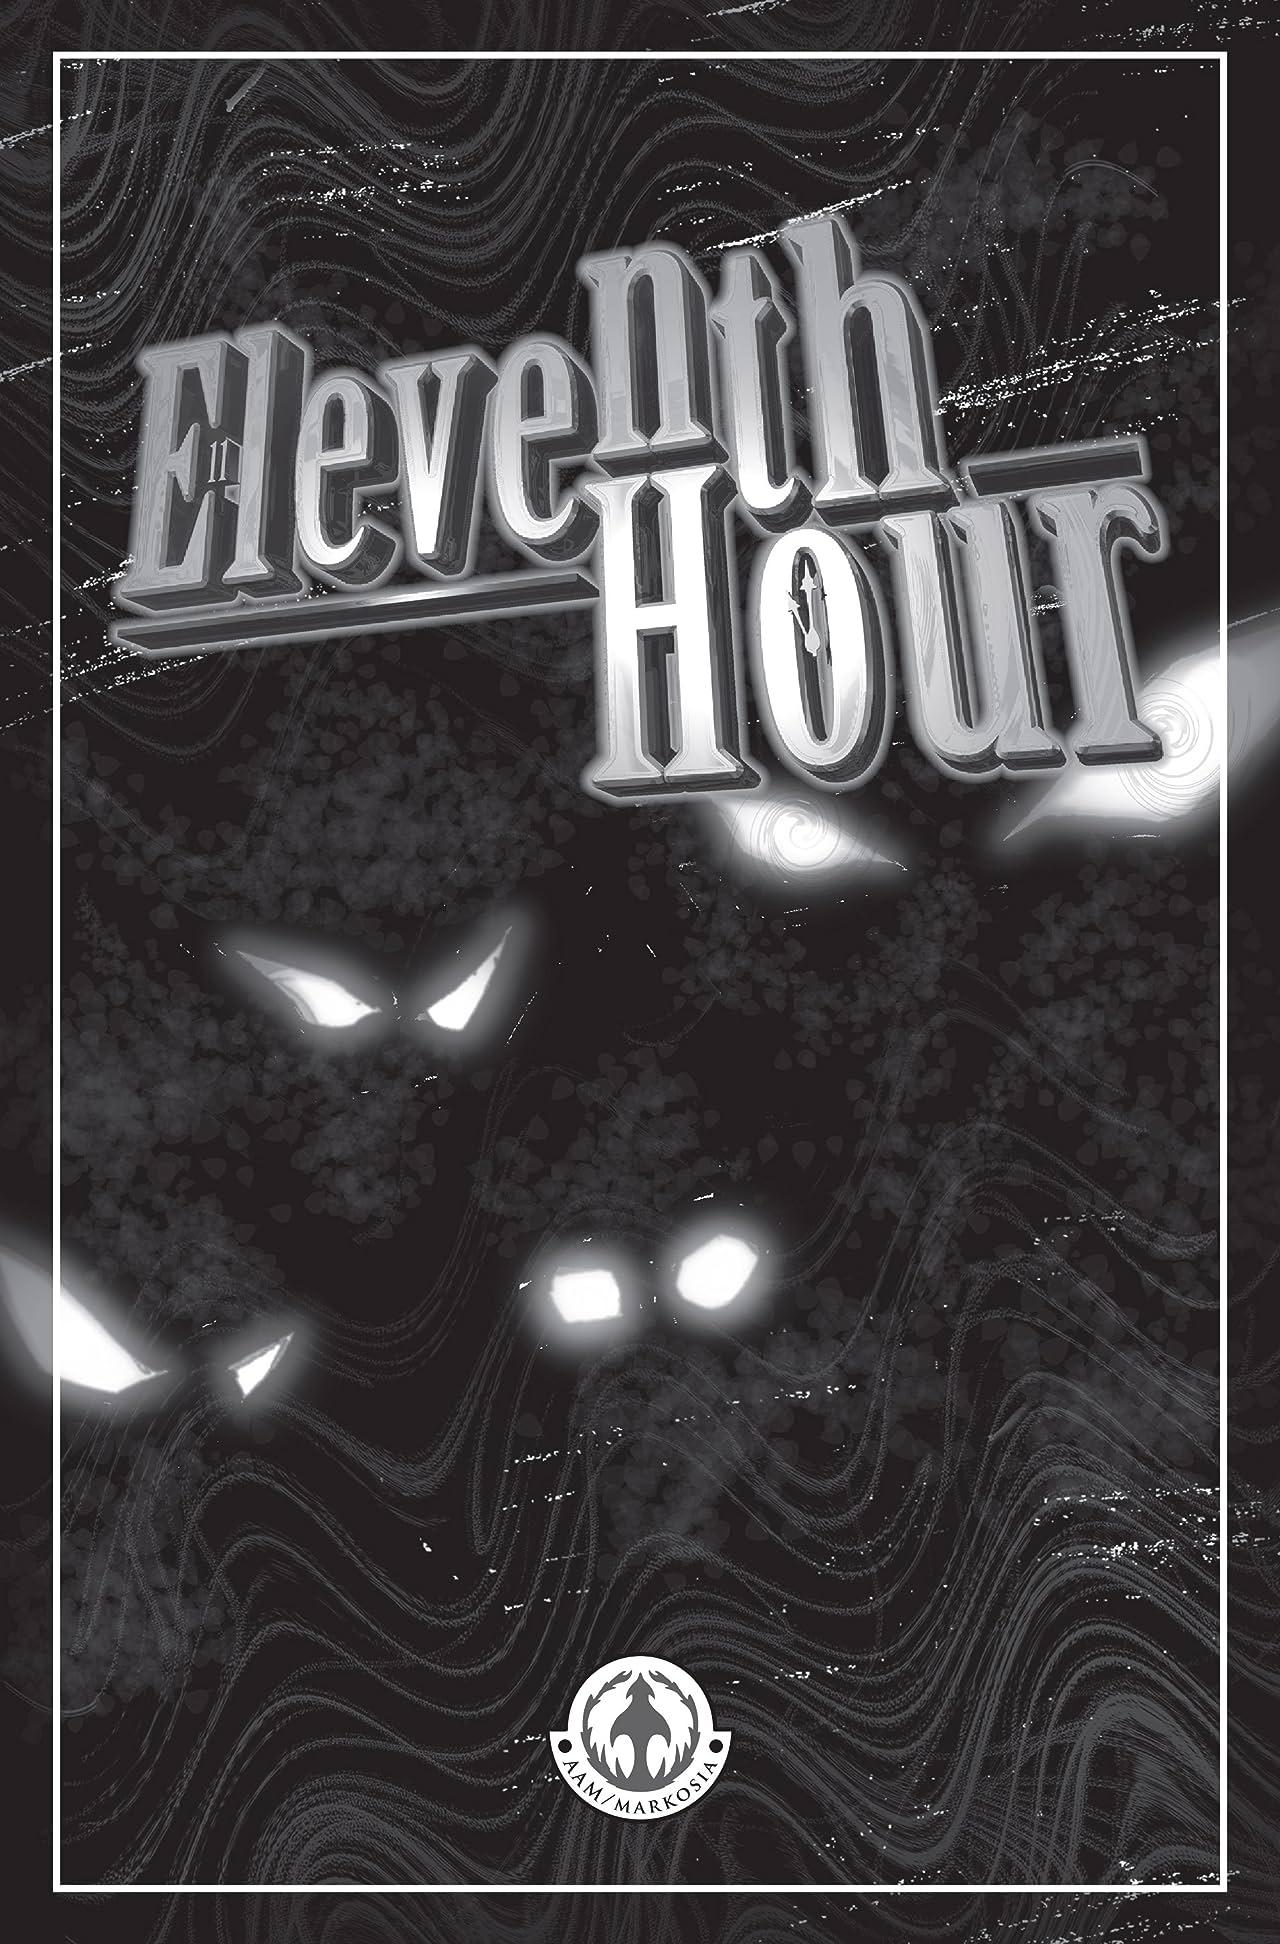 Eleventh Hour Vol. 1